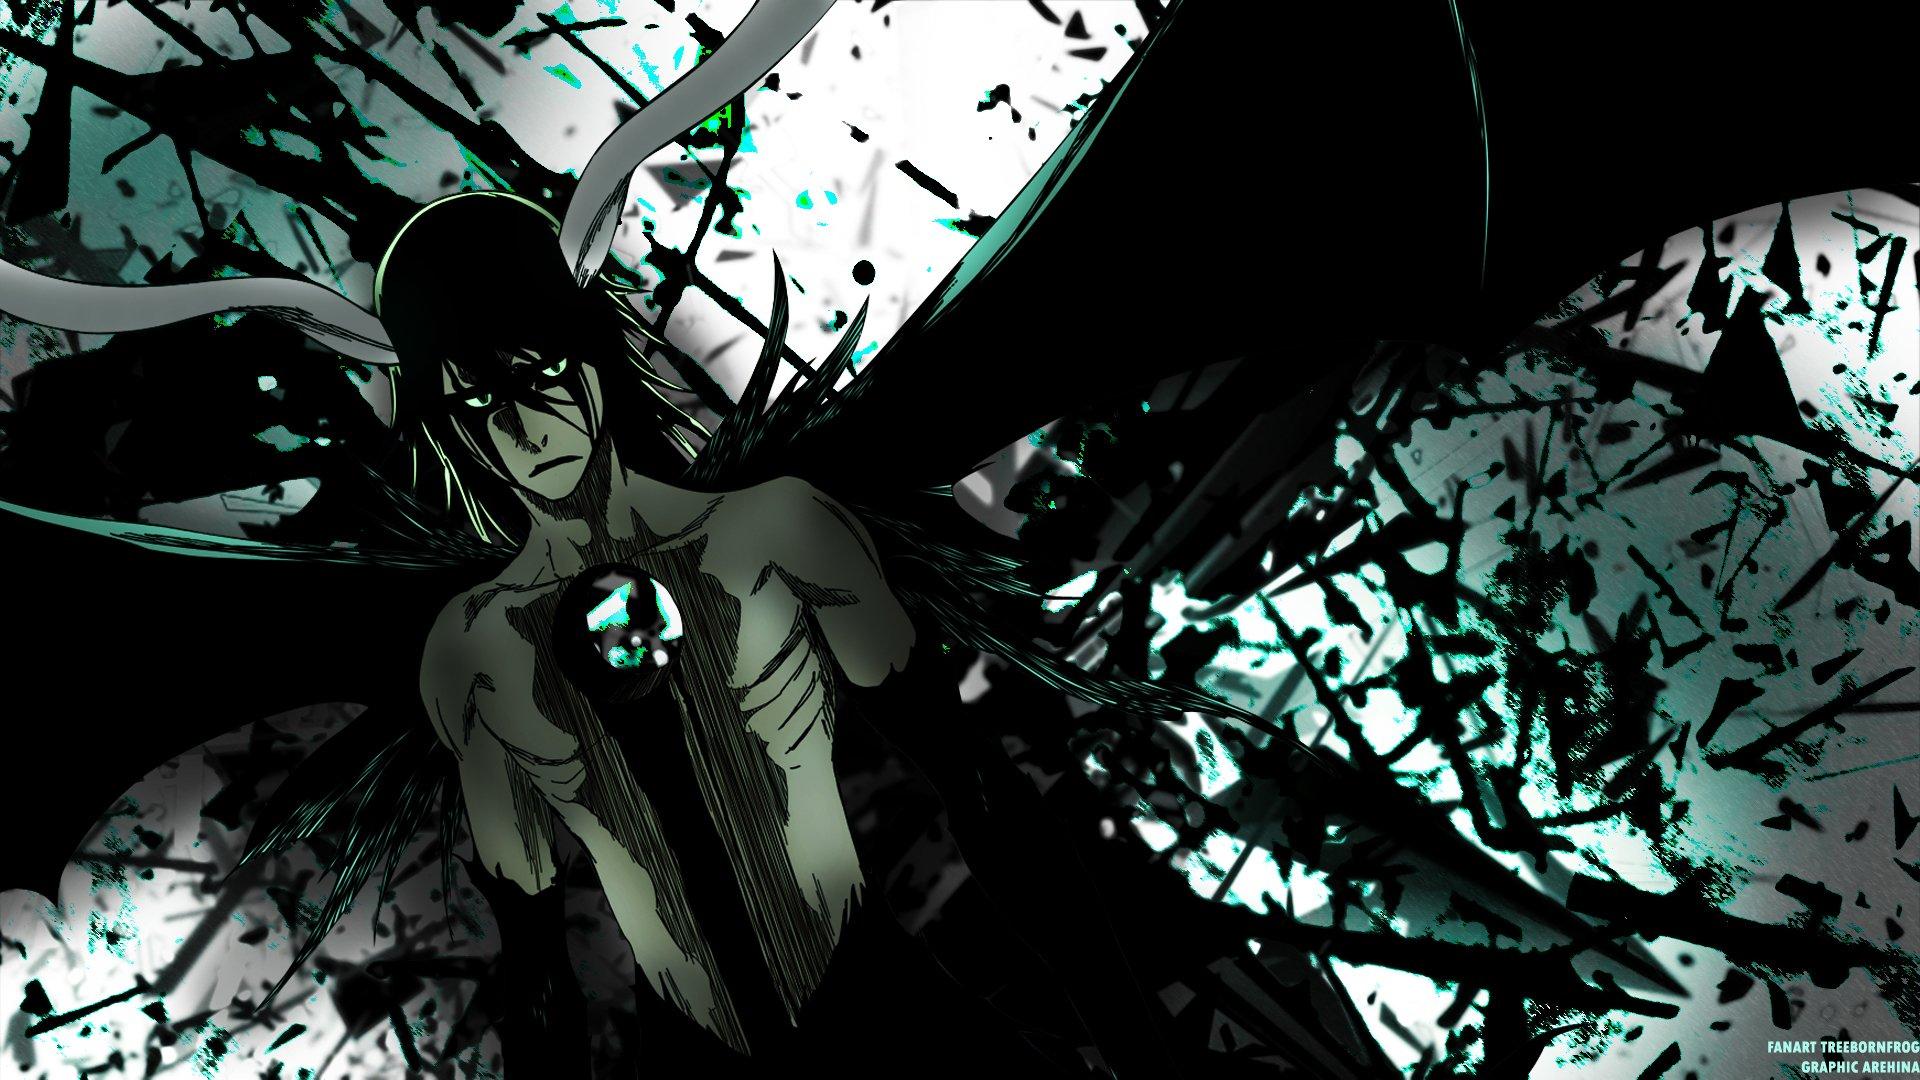 Anime - Bleach  Ulquiorra Cifer Wallpaper